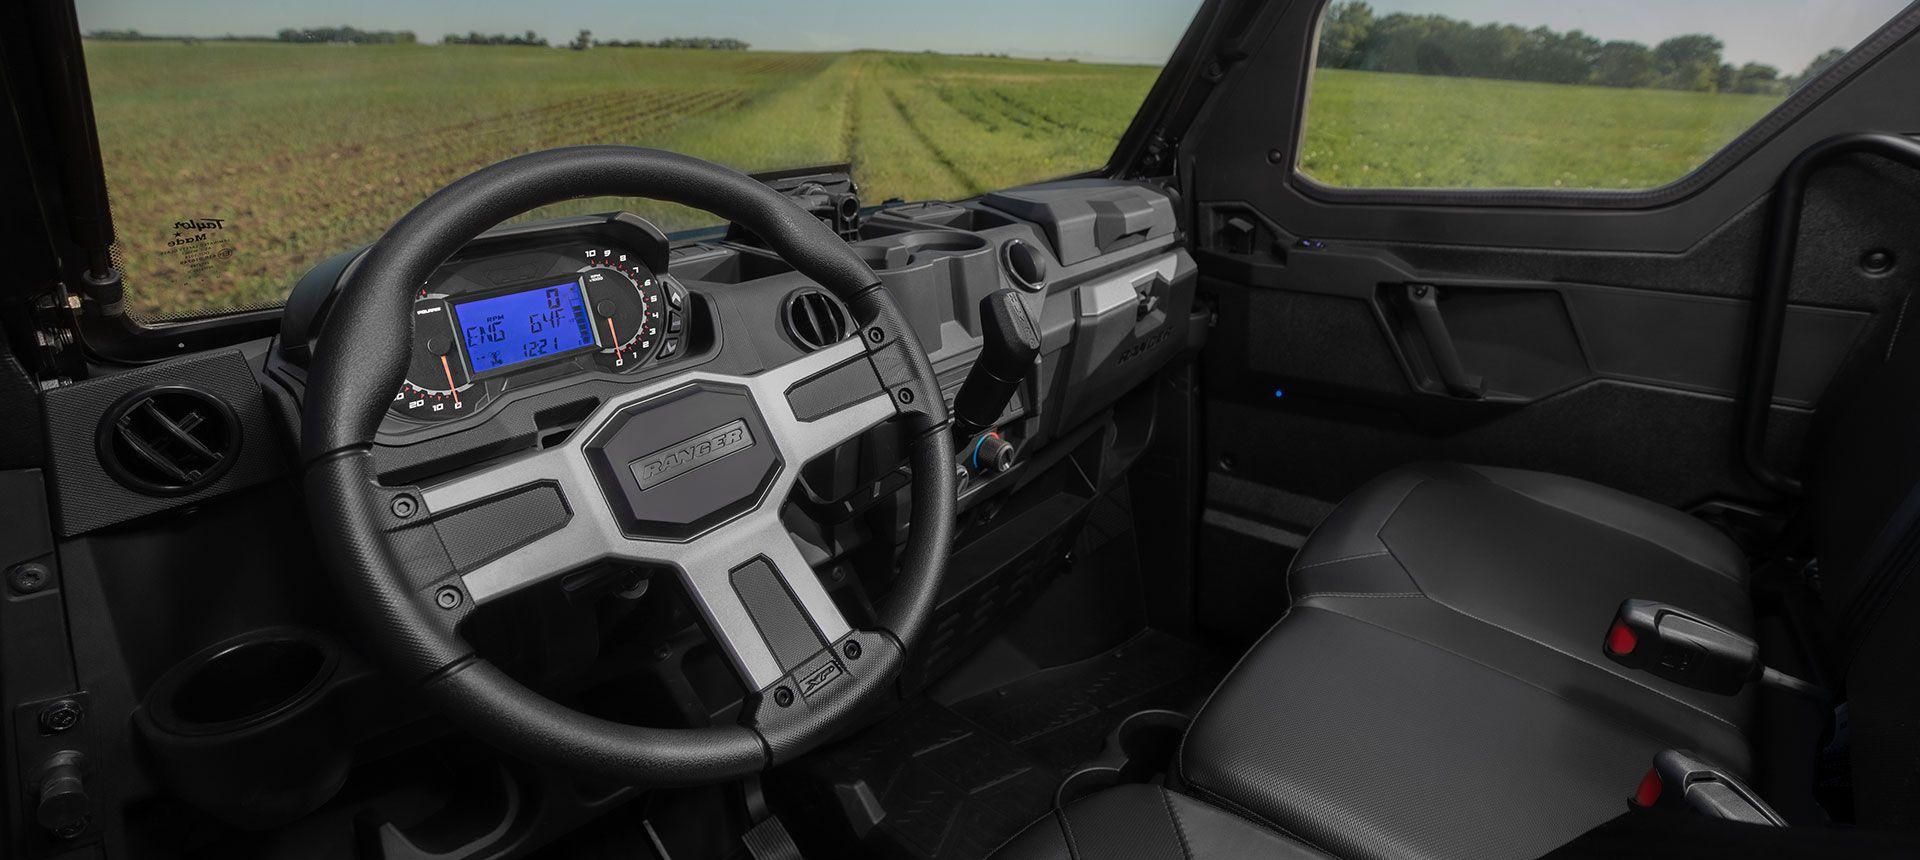 Мотовездеход Polaris RANGER CREW XP 1000 Premium Polaris Pursuit Camo 2020 - 12